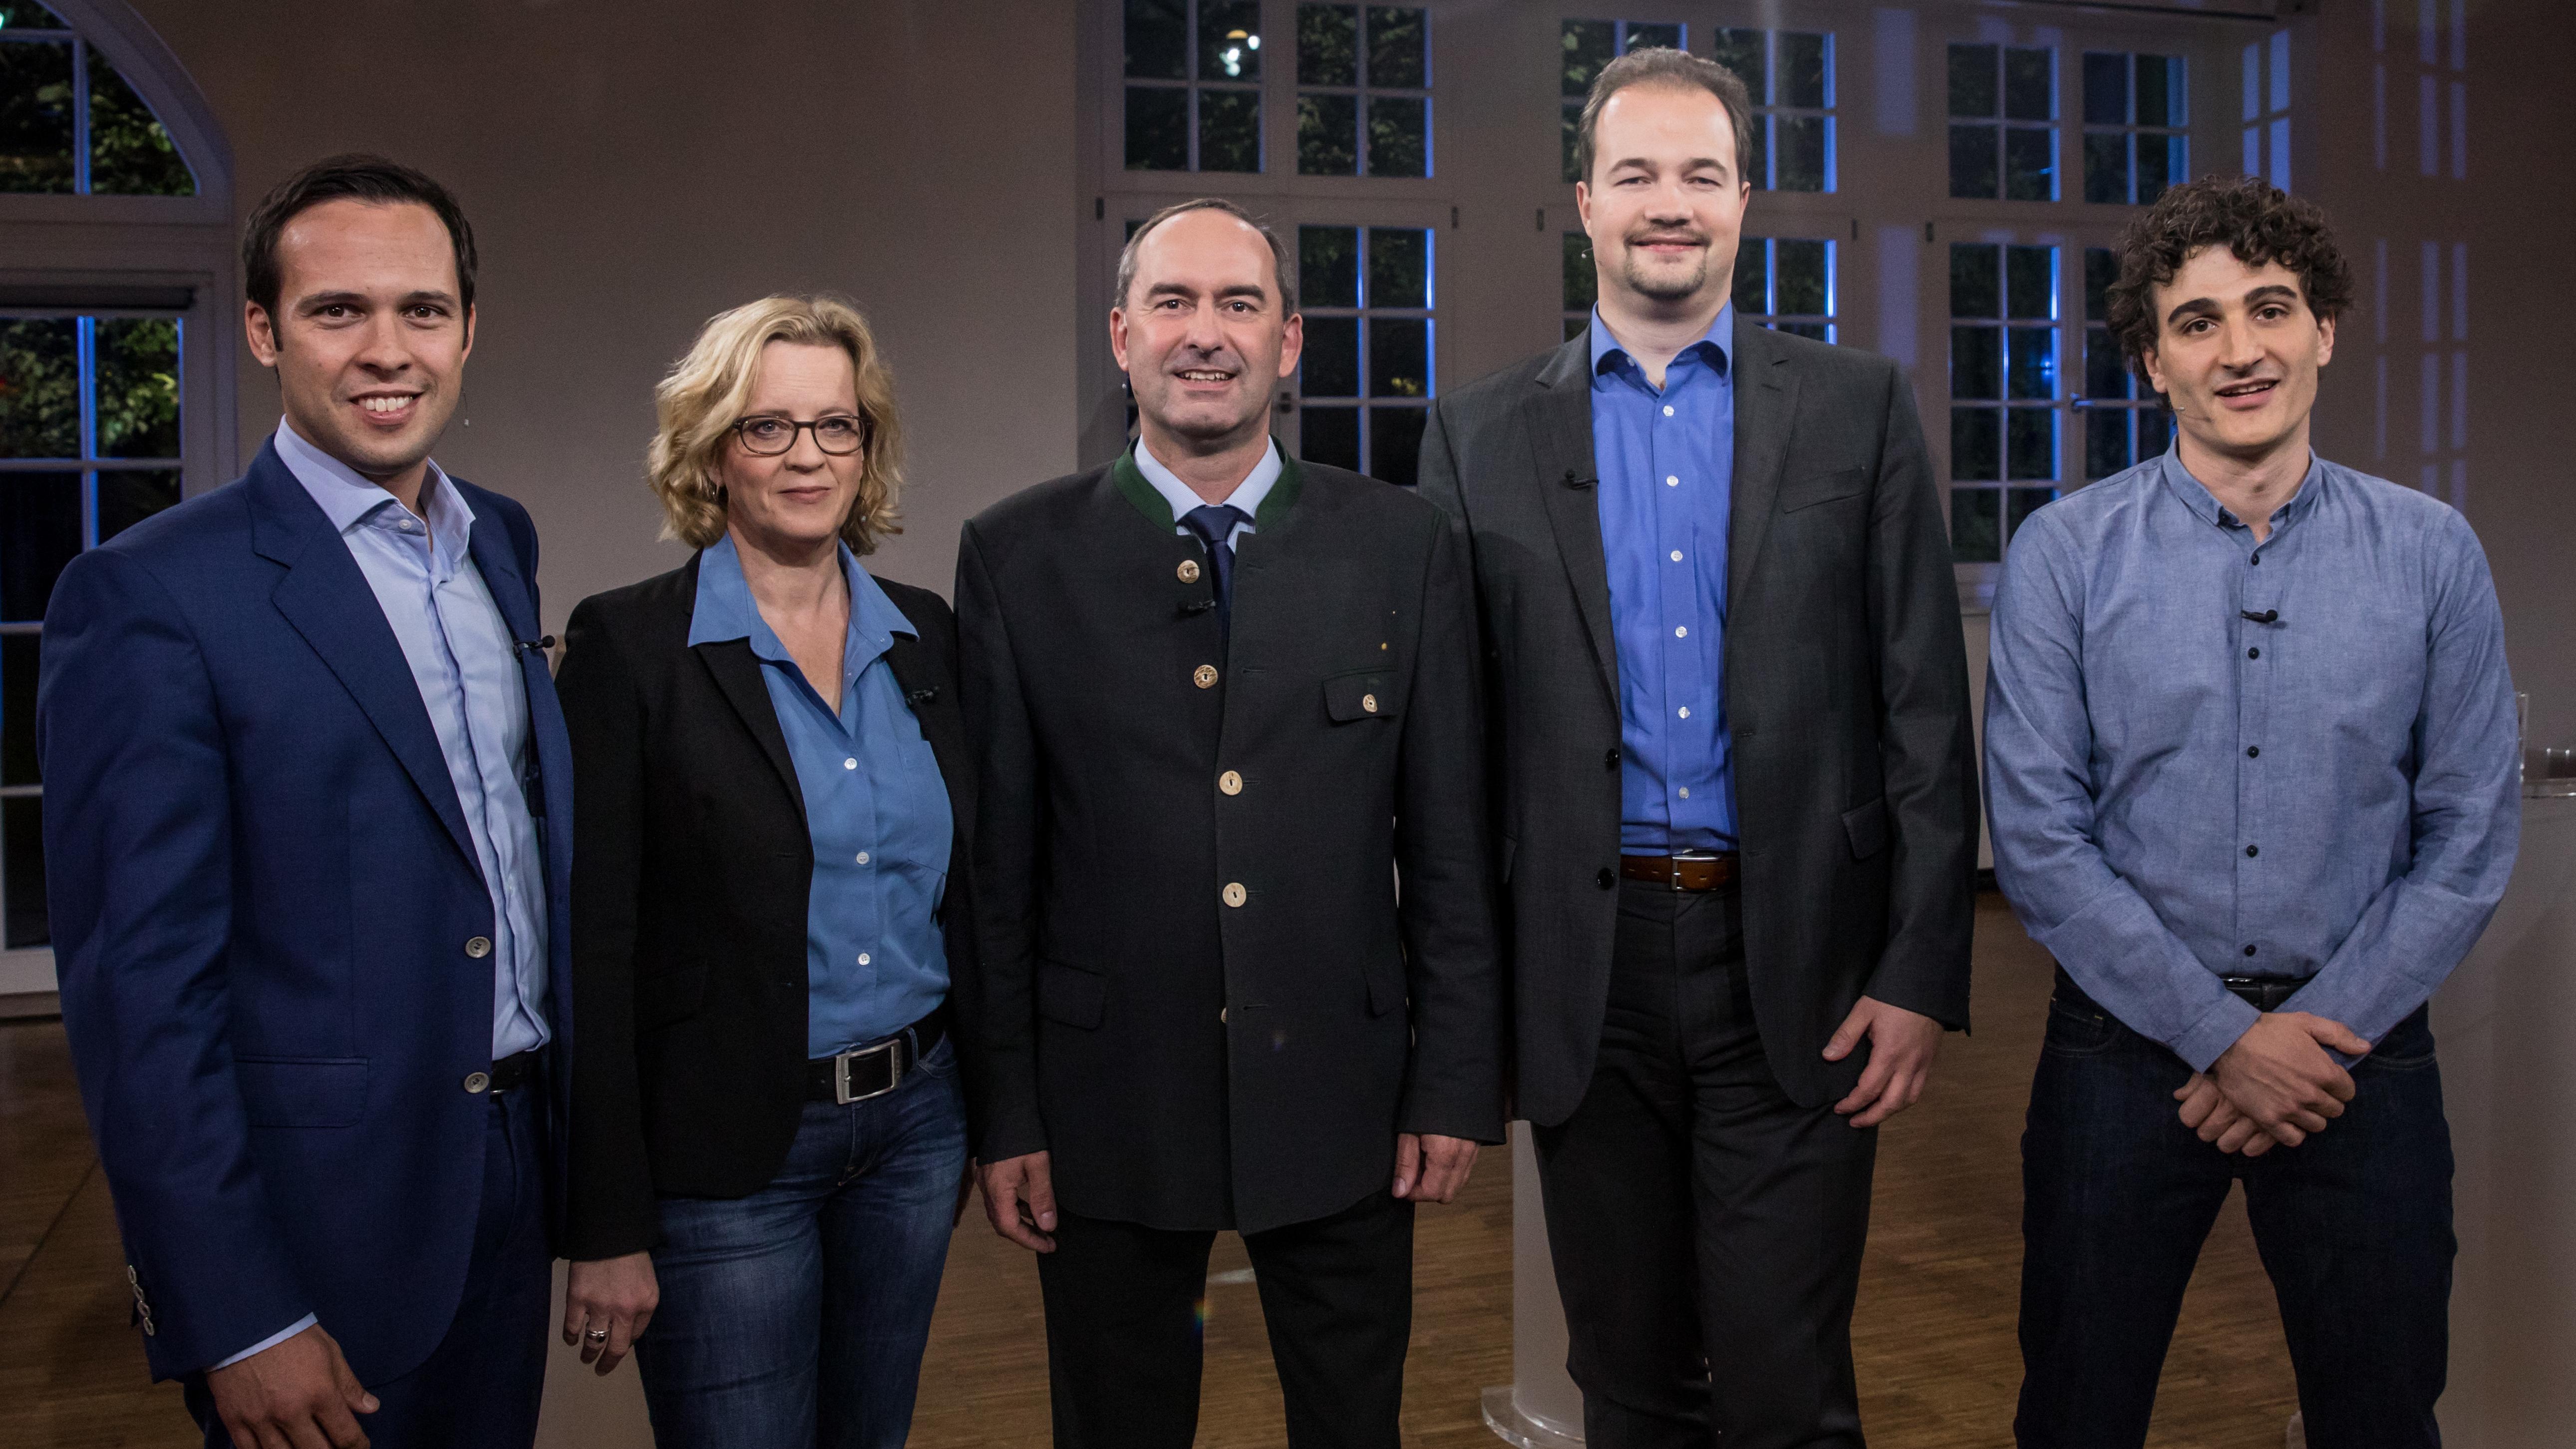 TV-Fünfkampf im BR Fernsehen mit Martin Hagen (FDP), Natascha Kohnen (SPD), Hubert Aiwanger (Freie Wähler), Martin Sichert (AfD) und Ates Gürpinar (Die Linke)